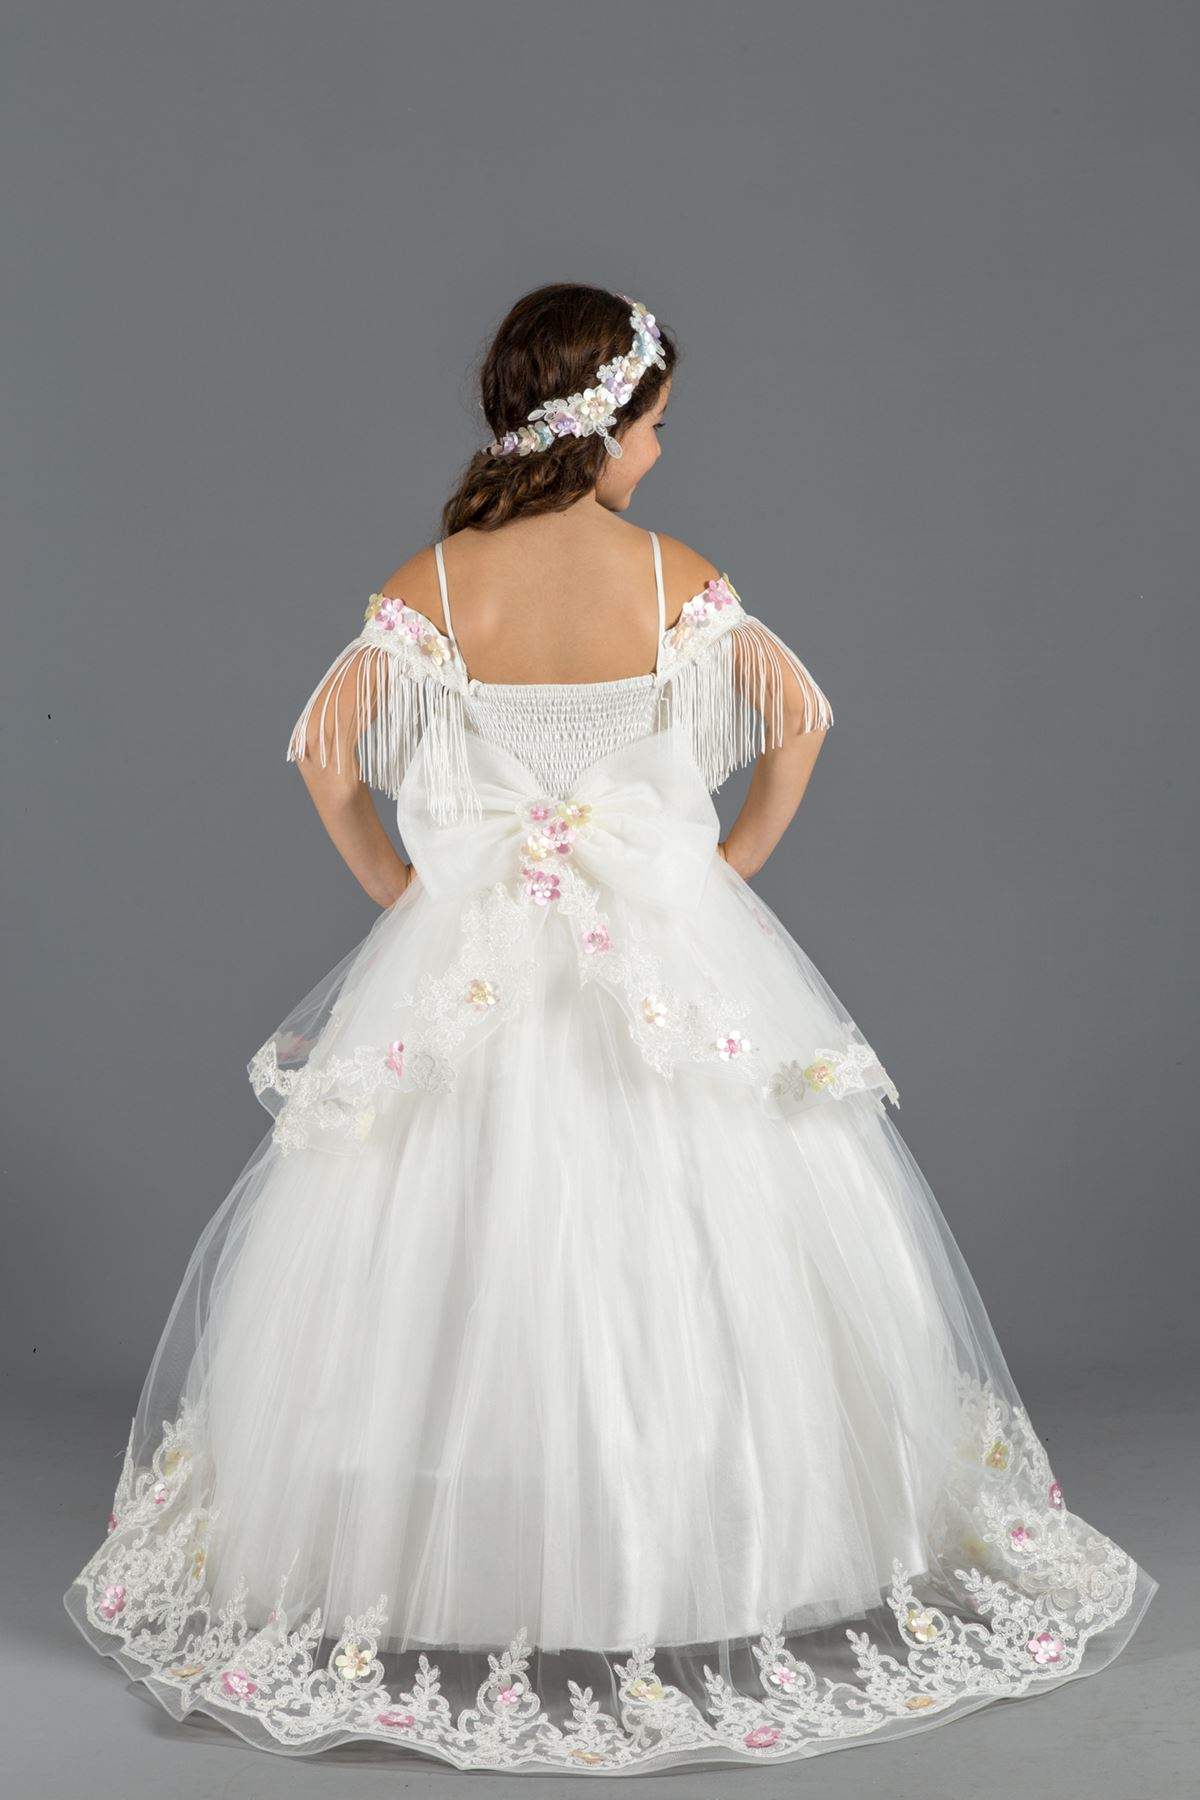 Пышное вечернее платье для девочек с отделкой на плечах, цветы 3 размера, кремовый тюль 564